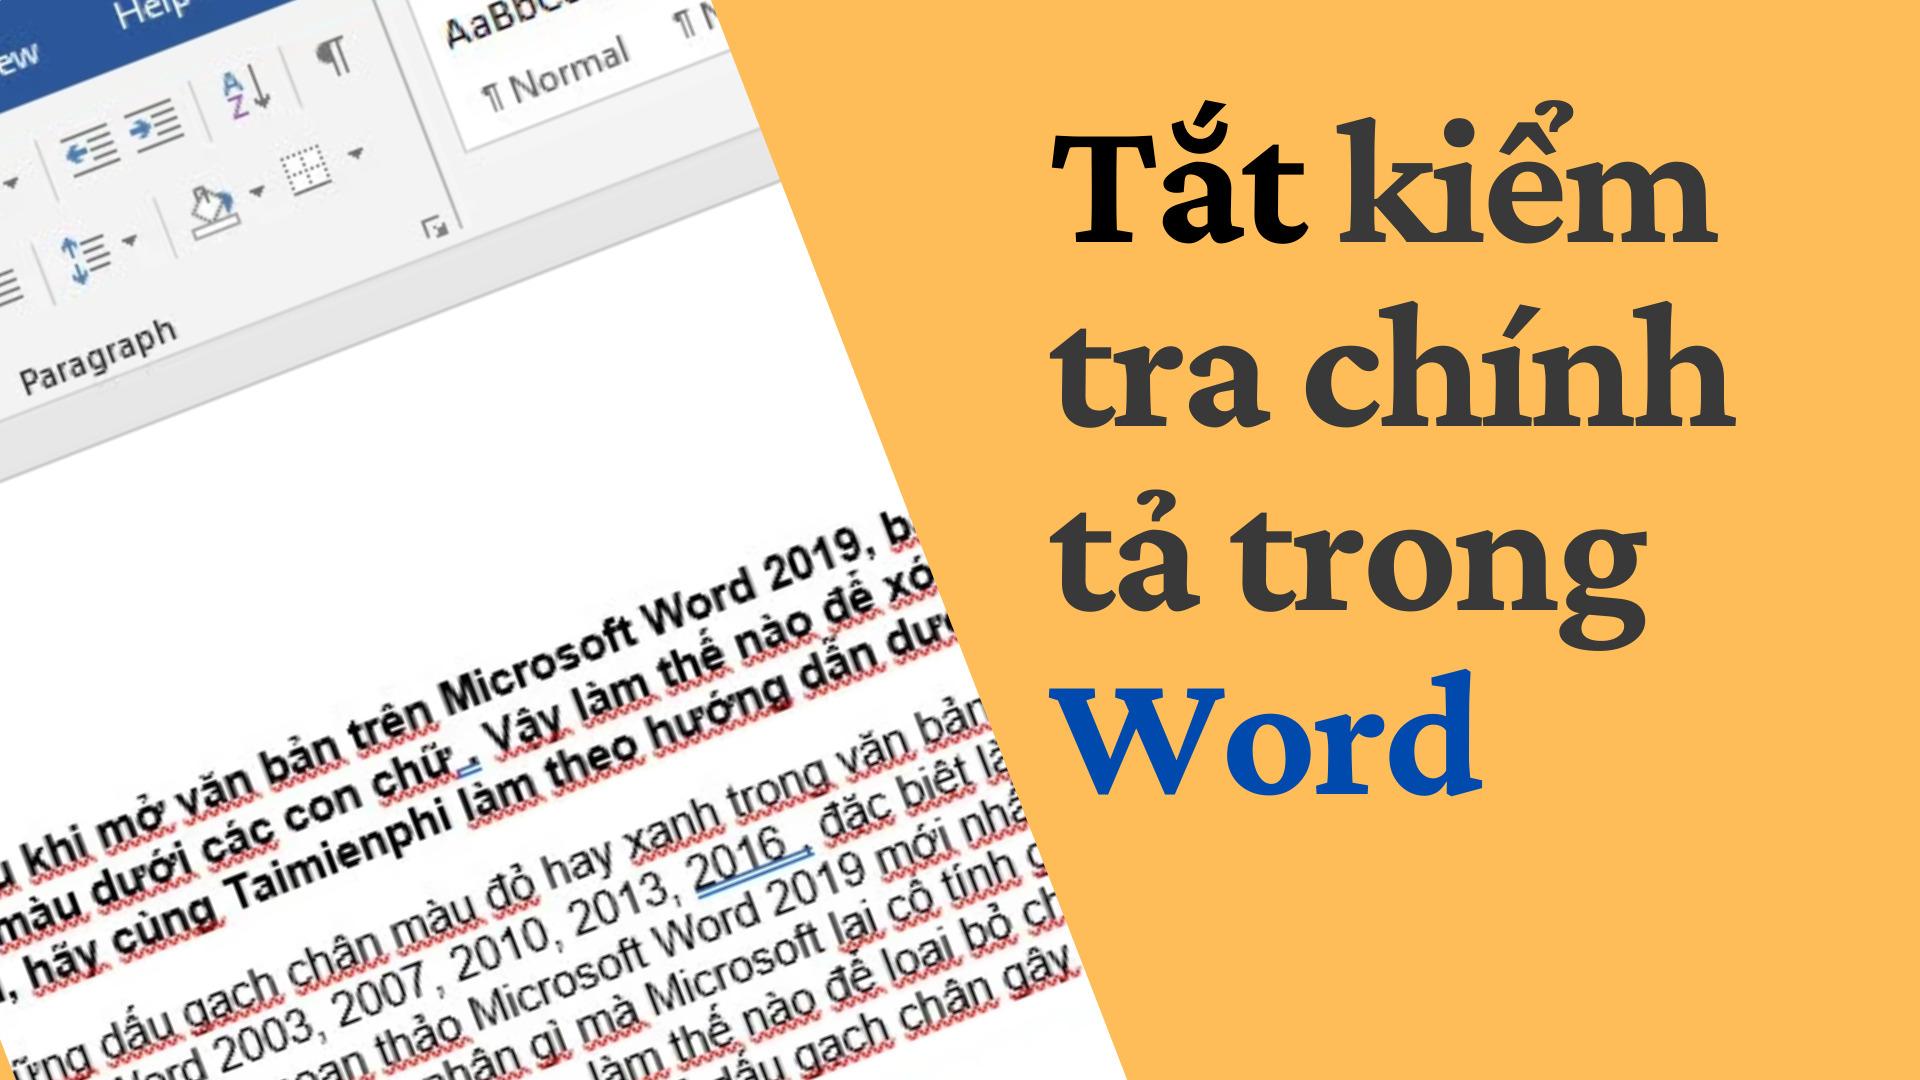 Thực hiện tắt kiểm tra chính tả trong Word ngay nếu không bạn sẽ rước bực vào người